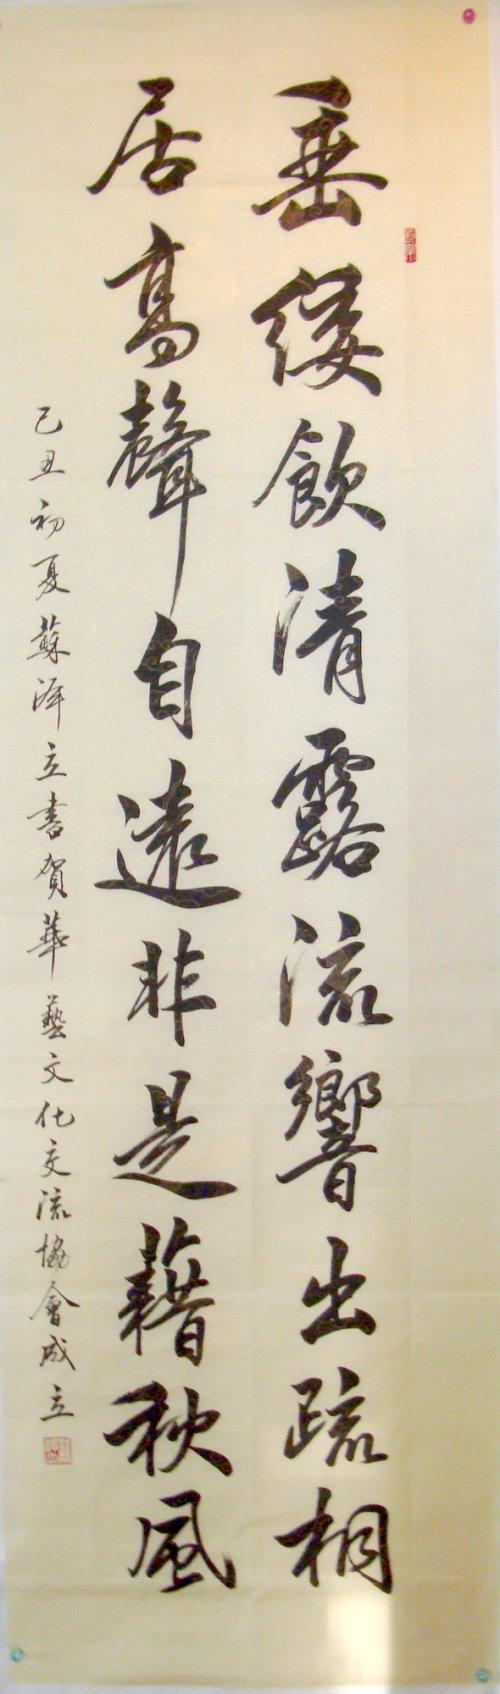 北京华艺书画对外发展促进会正式成立 - 苏泽立 - 苏泽立的博客